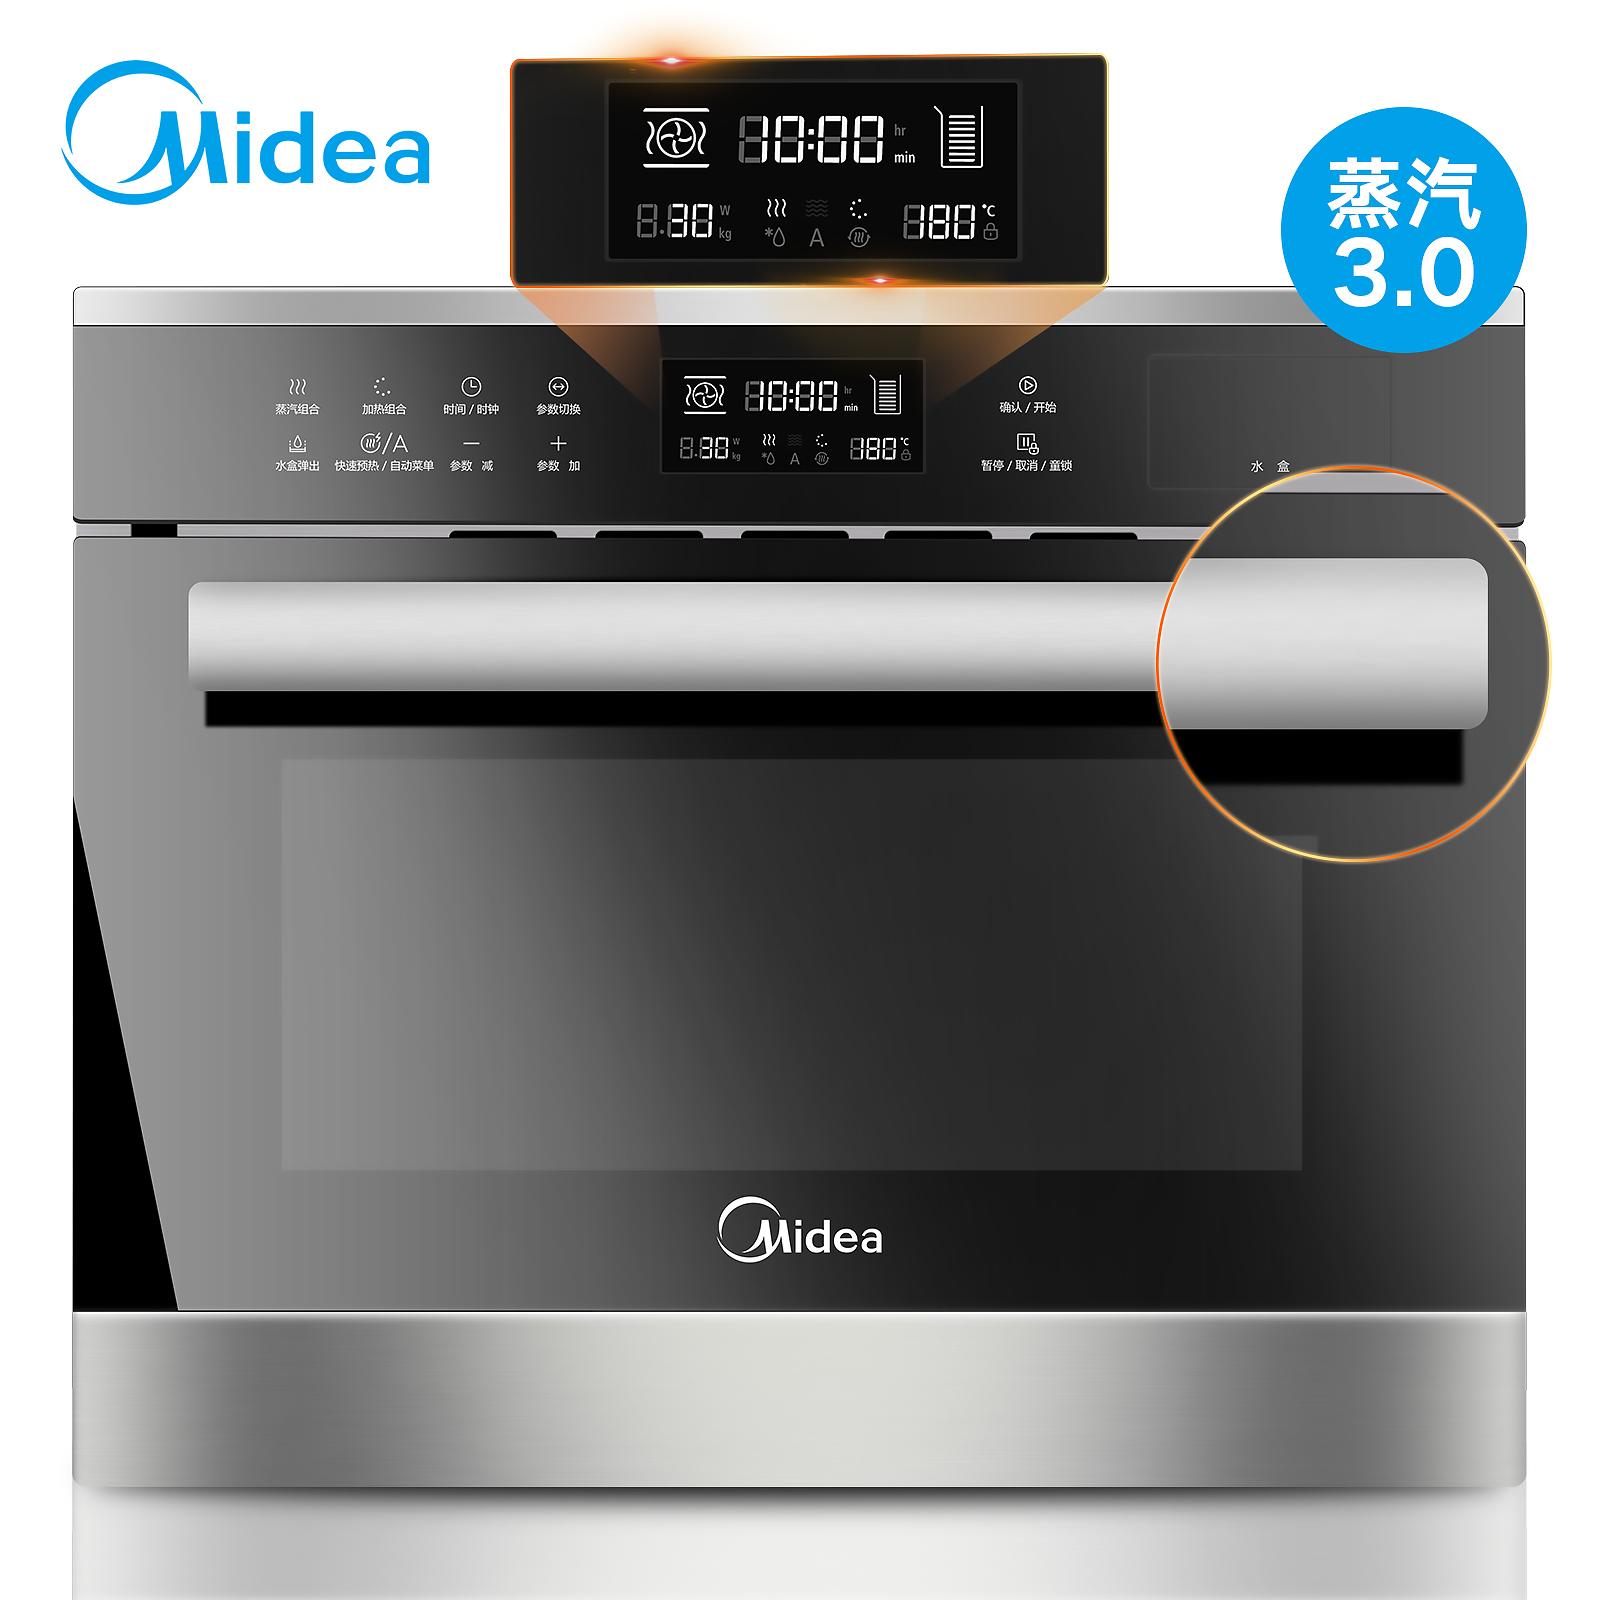 美的(Midea) TQN34FGJ-SA 嵌入式多功能蒸烤一体机 4599元